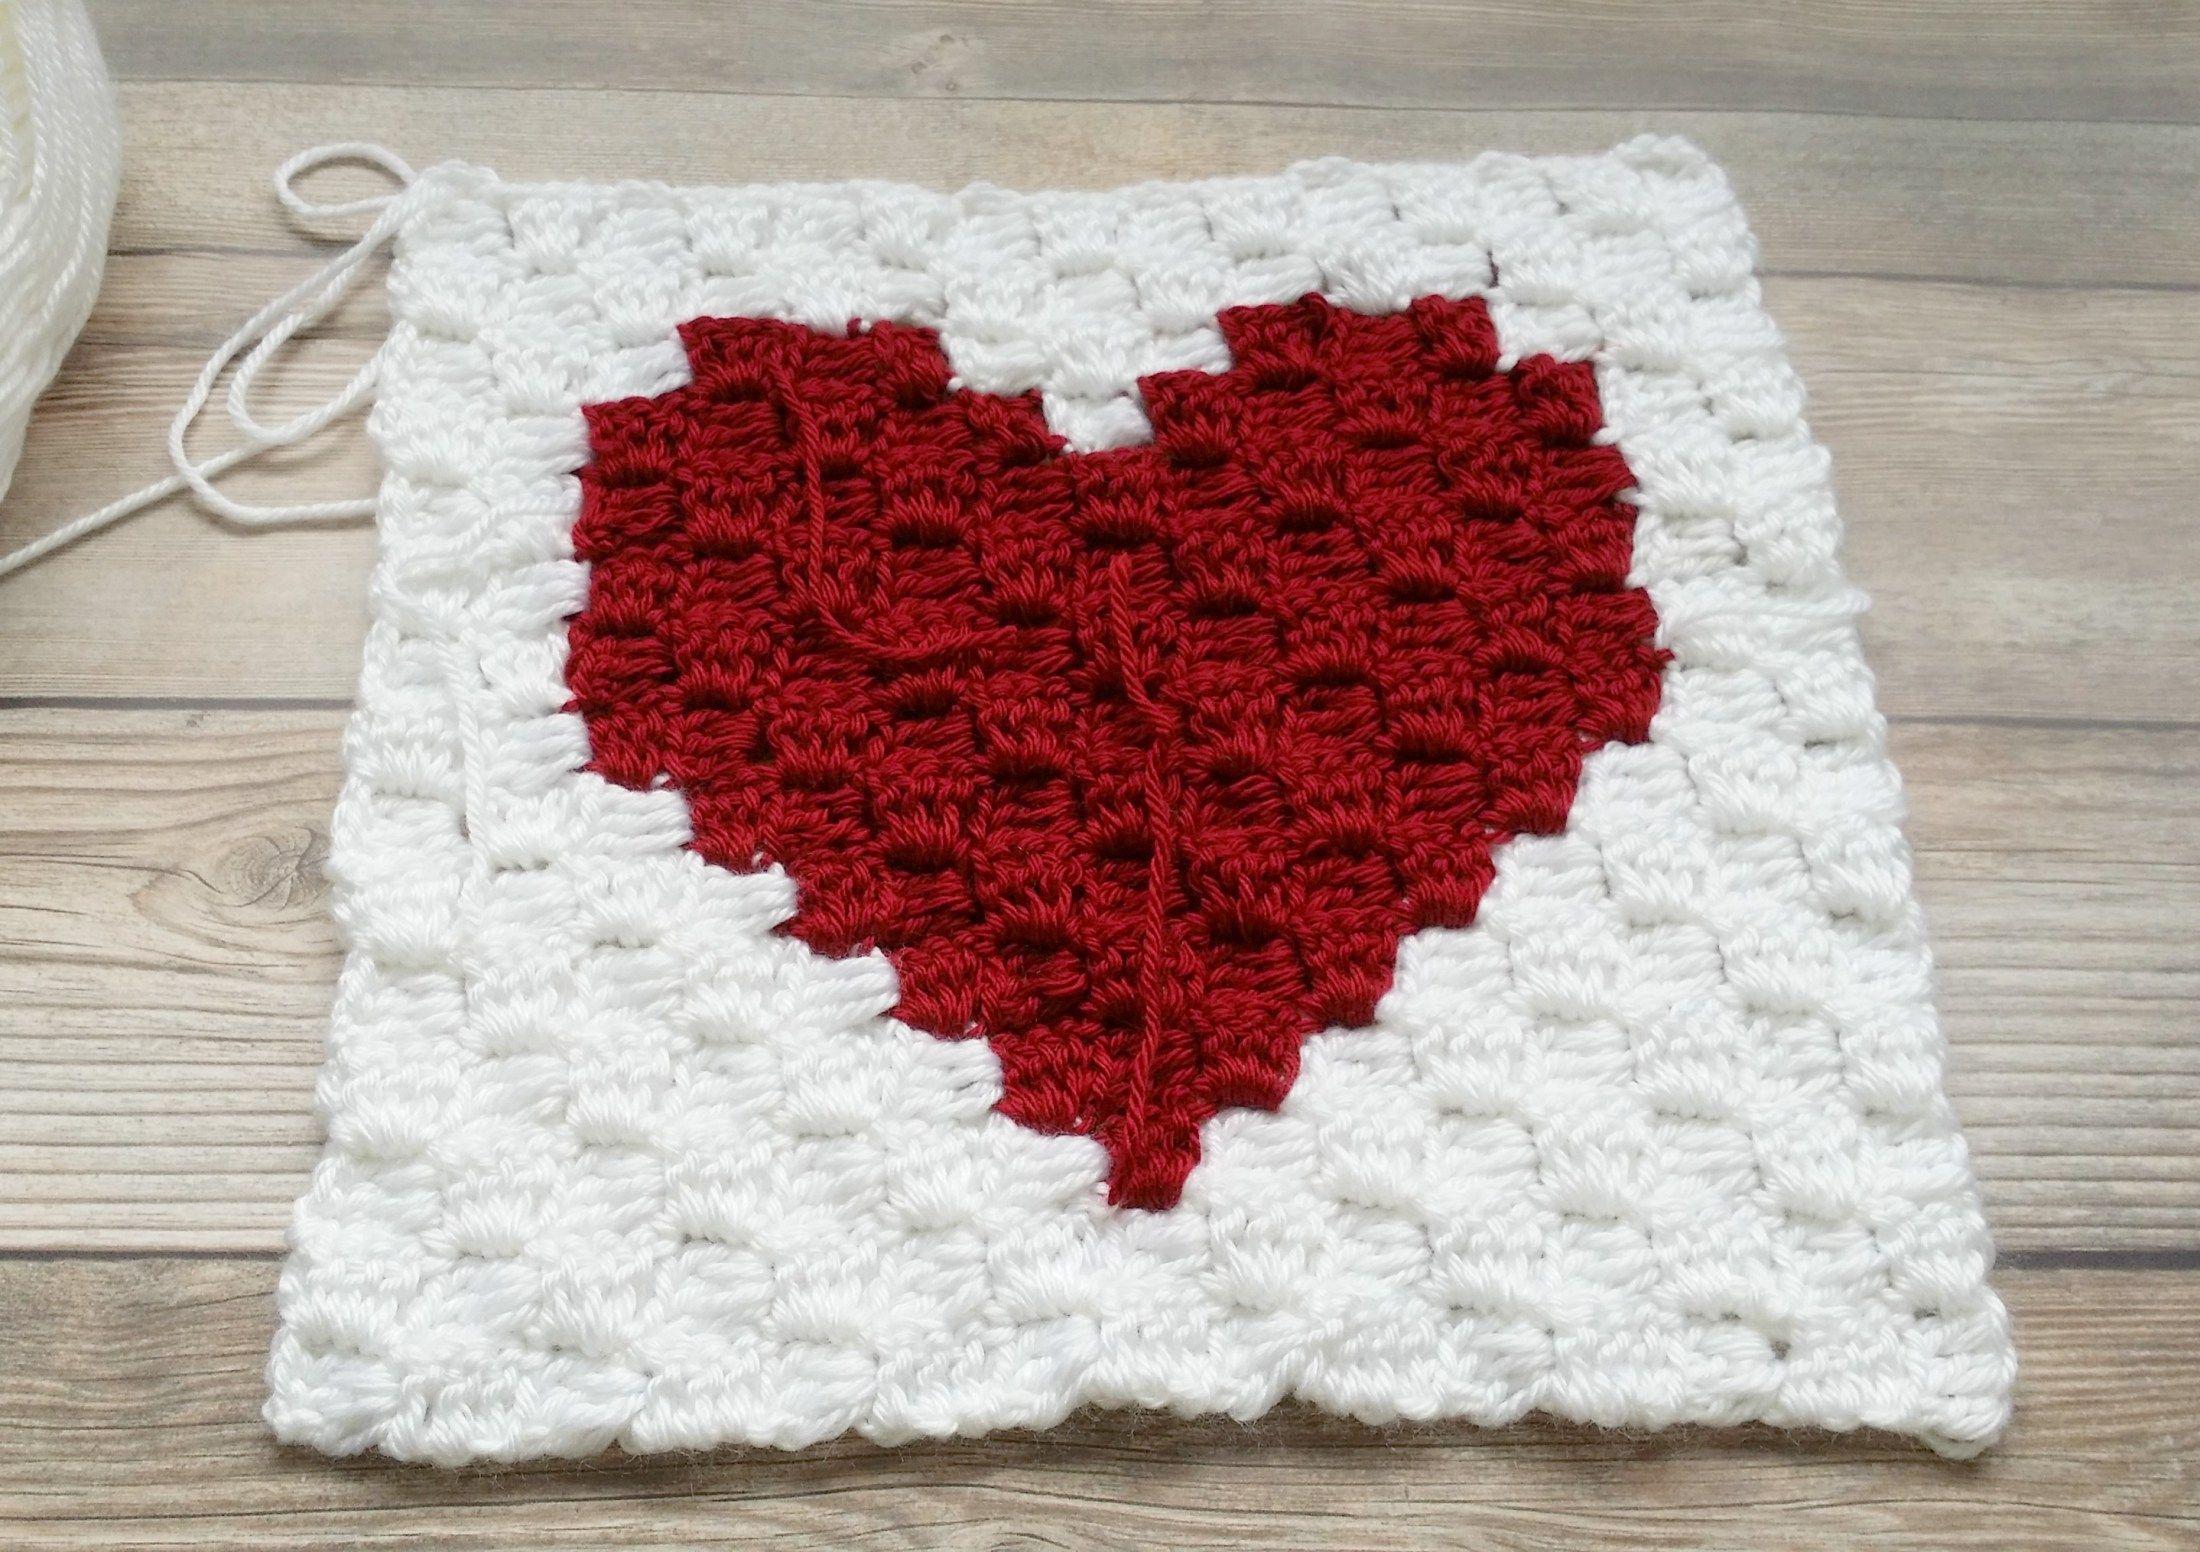 Crochet Heart - Easy C2C (corner to corner) Heart Square pattern ...